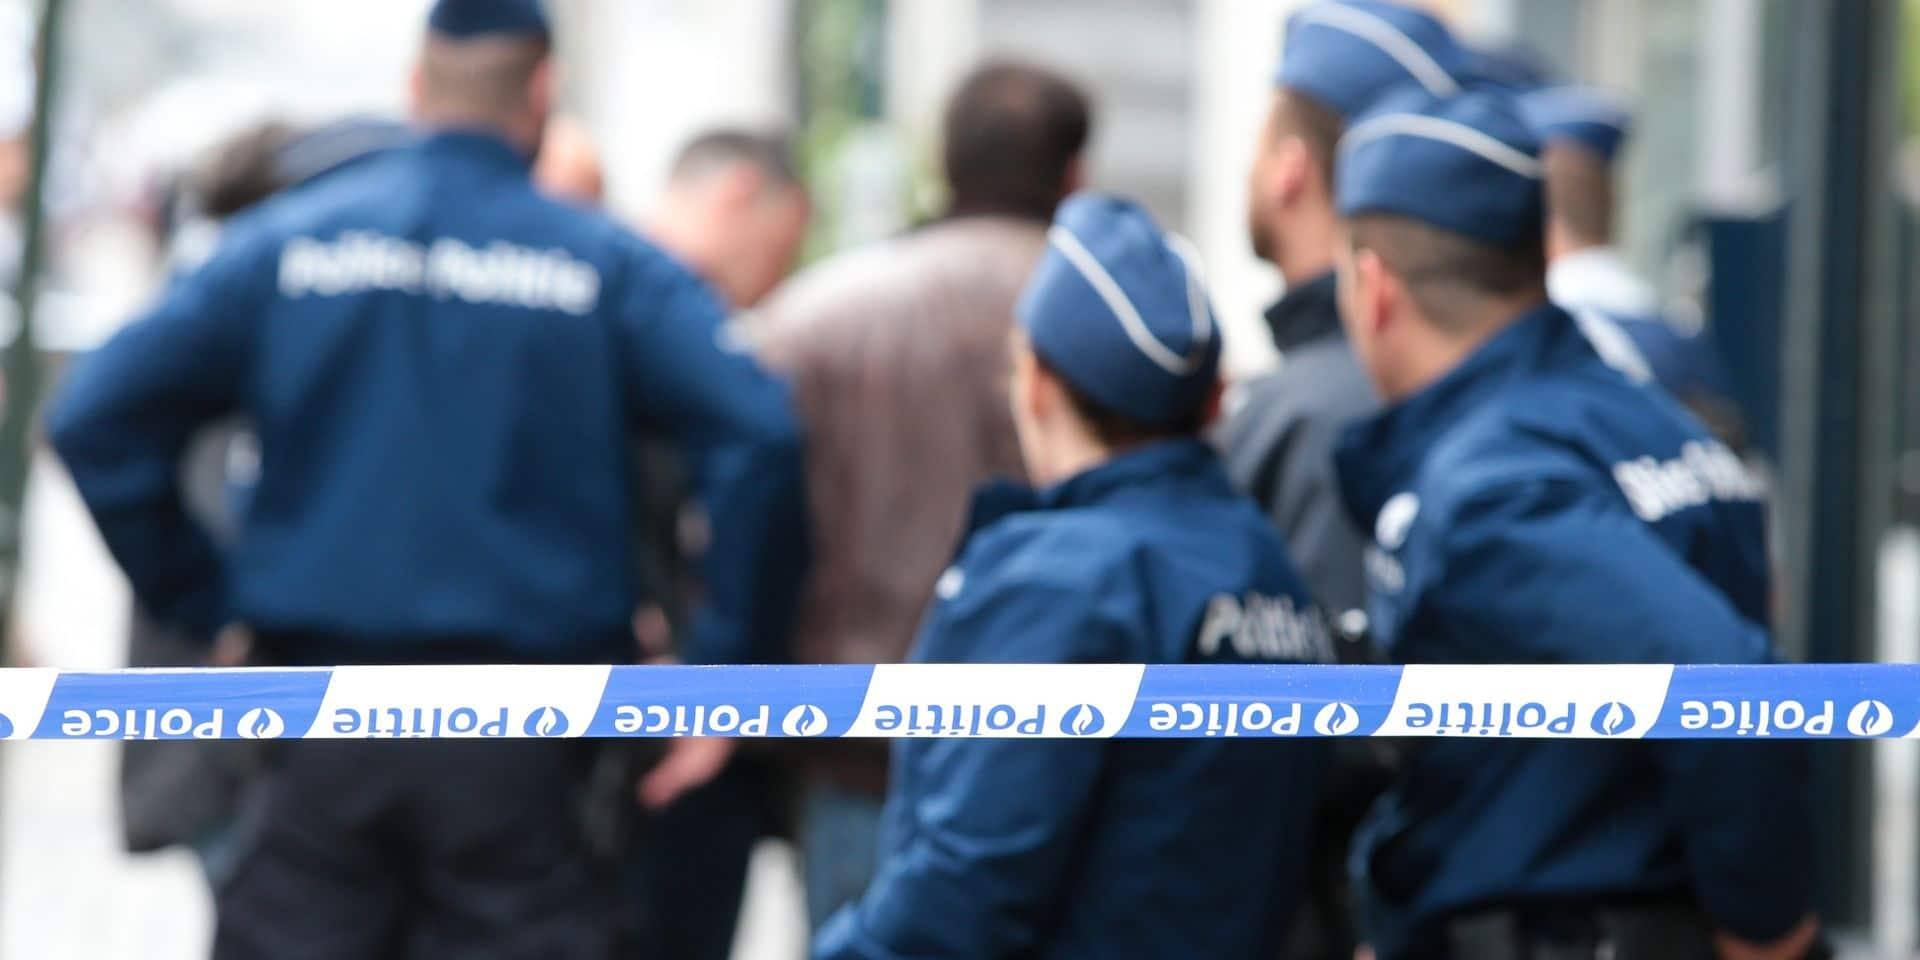 La police met fin à une soirée d'une centaine de personnes dans un bar à chicha d'Anderlecht